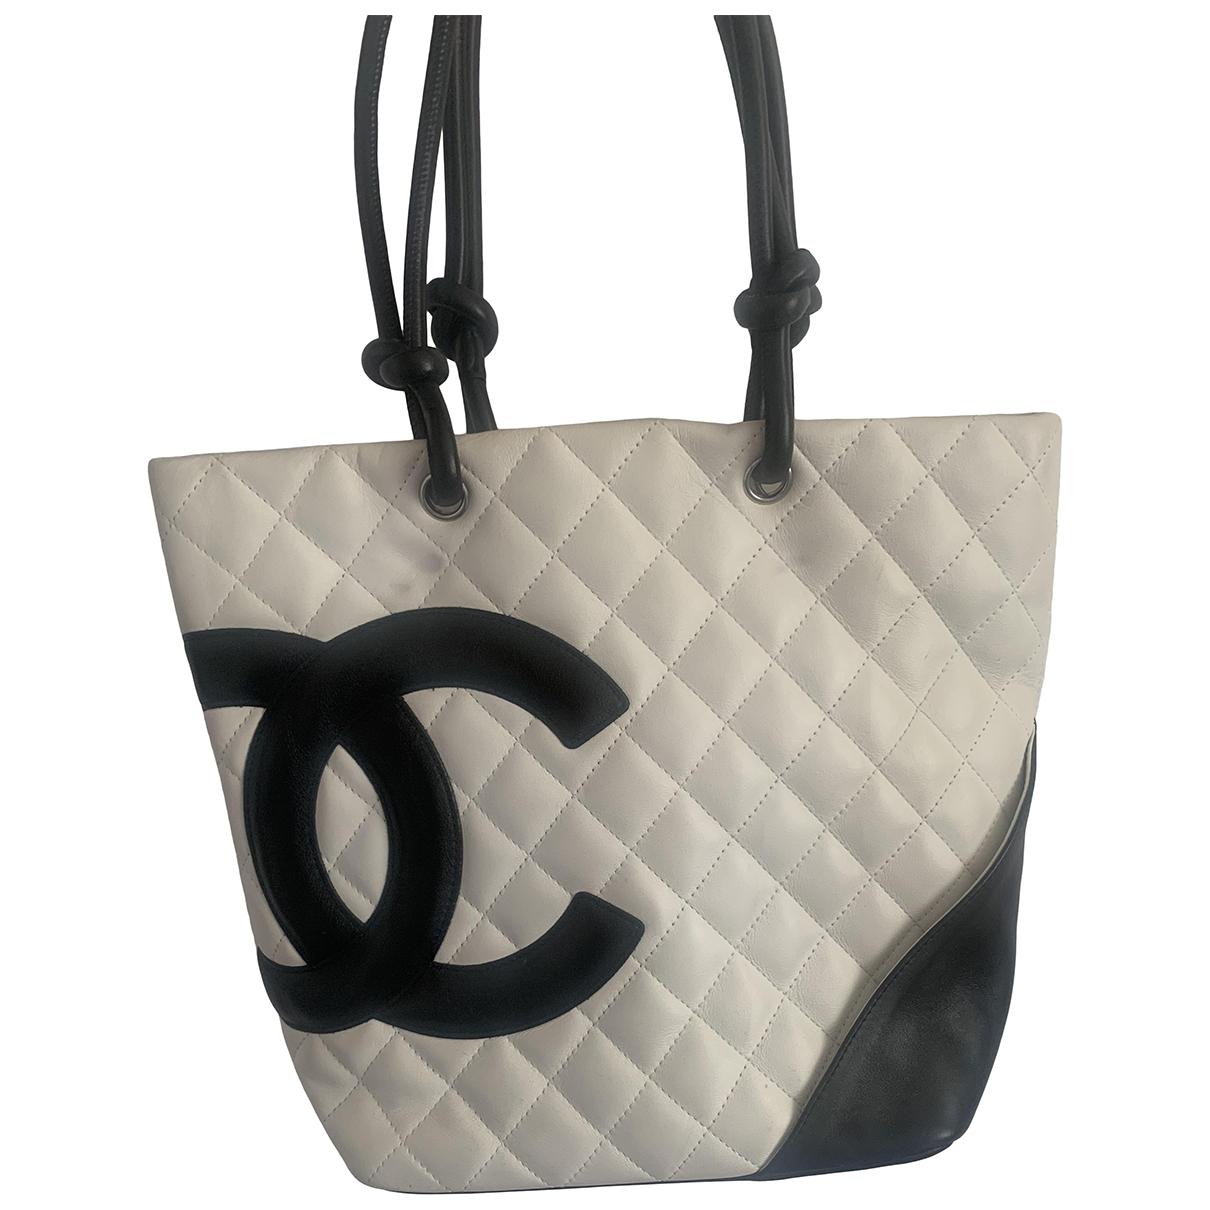 Chanel Cambon Handtasche in  Weiss Leder